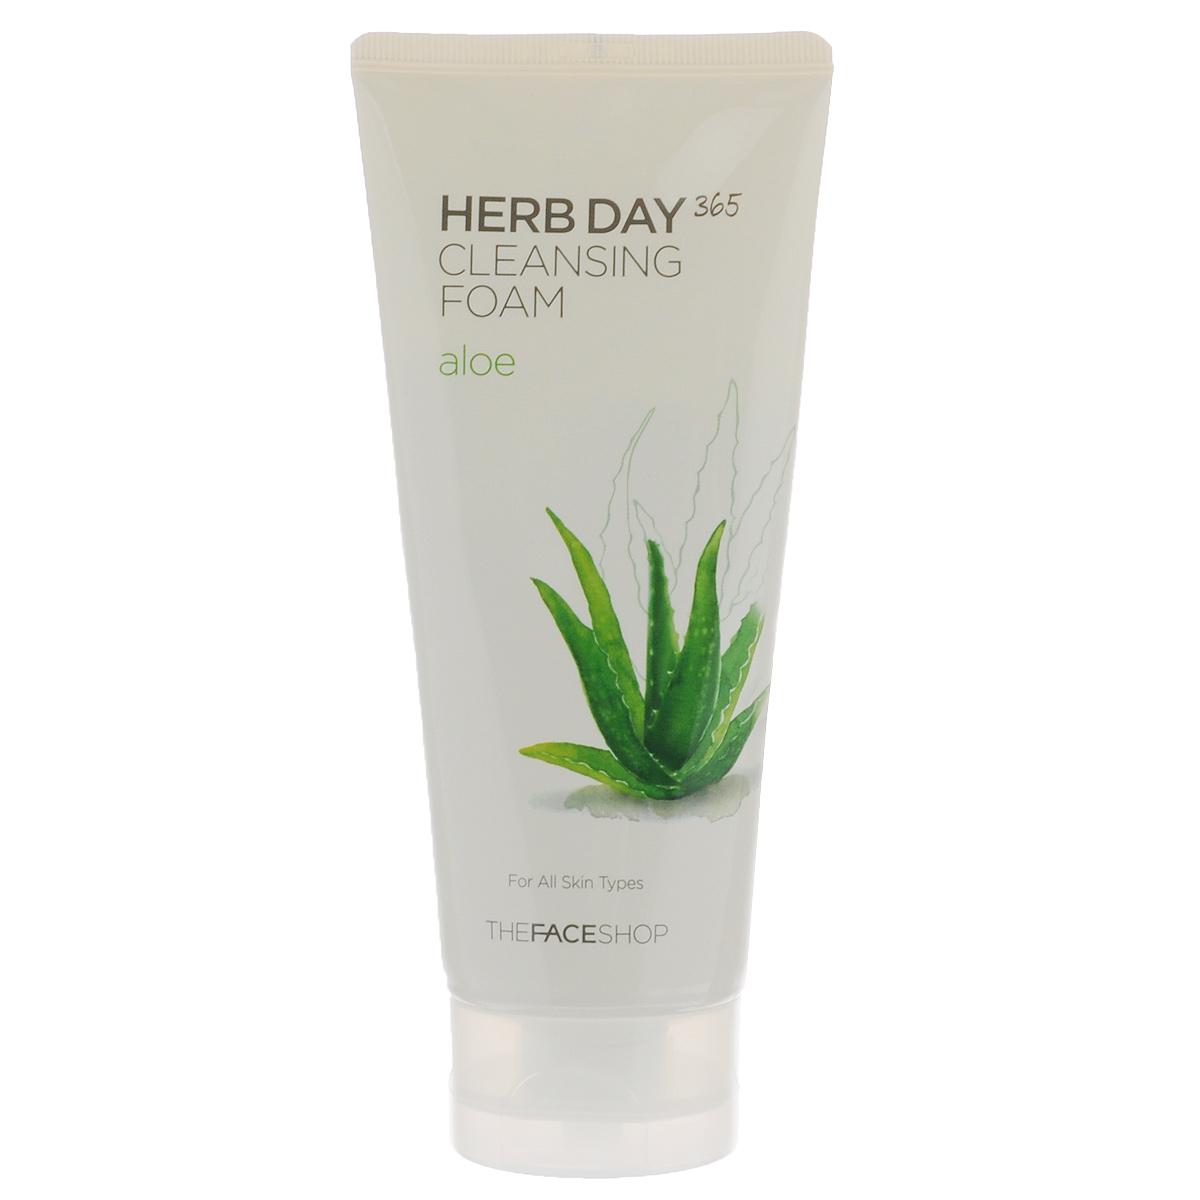 The Face Shop Пенка для умывания Herb Day 365, очищающая, с экстрактом алое, для всех типов кожи, 170 млУТ000000799Пенка для умывания Herb Day 365 содержит экстракт алоэ вера и комплекс экстрактов лекарственных трав. Мягко очищает кожу лица, мягко удаляет мертвые клетки и загрязнения пор. Эффективно успокаивает, обладает осветляющим эффектом и увлажняет кожу лица. Экстракт алоэ вера содержит огромное количество биологически активных веществ, из которых наиболее важными для кожи являются: каротин, витамины С и Е, защищающие кожу от повреждающего действия свободных радикалов и преждевременного старения; комплекс полисахаров с высокой влагоудерживающей и иммуностимулирующей способностью; салициловая кислота, эфирные масла и стерины, оказывающие антибактериальное и противовоспалительное действие. Товар сертифицирован.